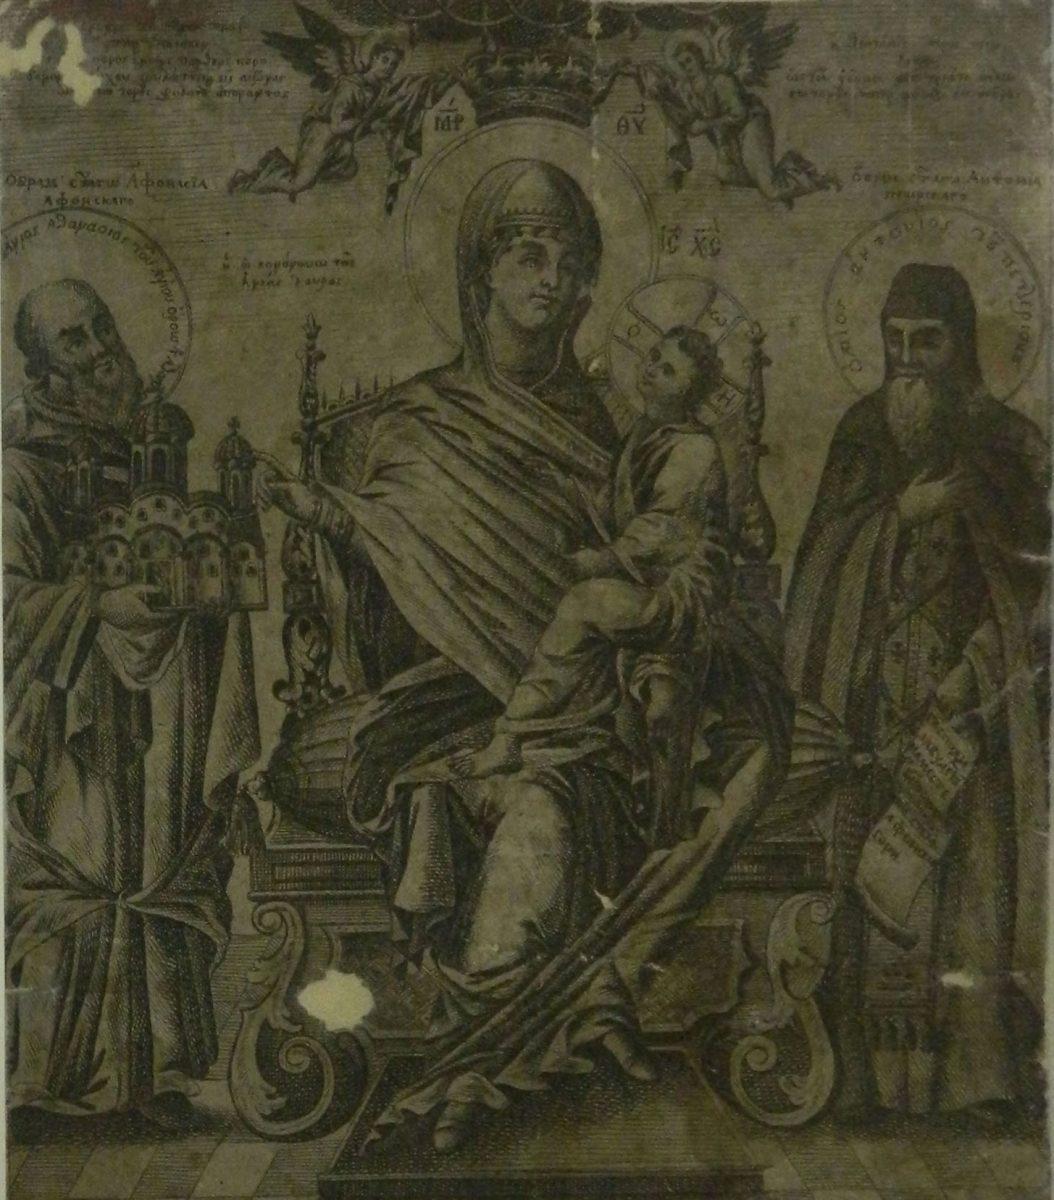 Η Παναγία Οικονόμισσα με τους Αγίους Αθανάσιο Αθωνίτη και Αντώνιο Πετζέρσκι. Χαλκογραφία, α' τέταρτο 19ου αι., Ρωσία, άγνωστος χαράκτης (φωτ. Μουσείο Βυζαντινού Πολιτισμού).